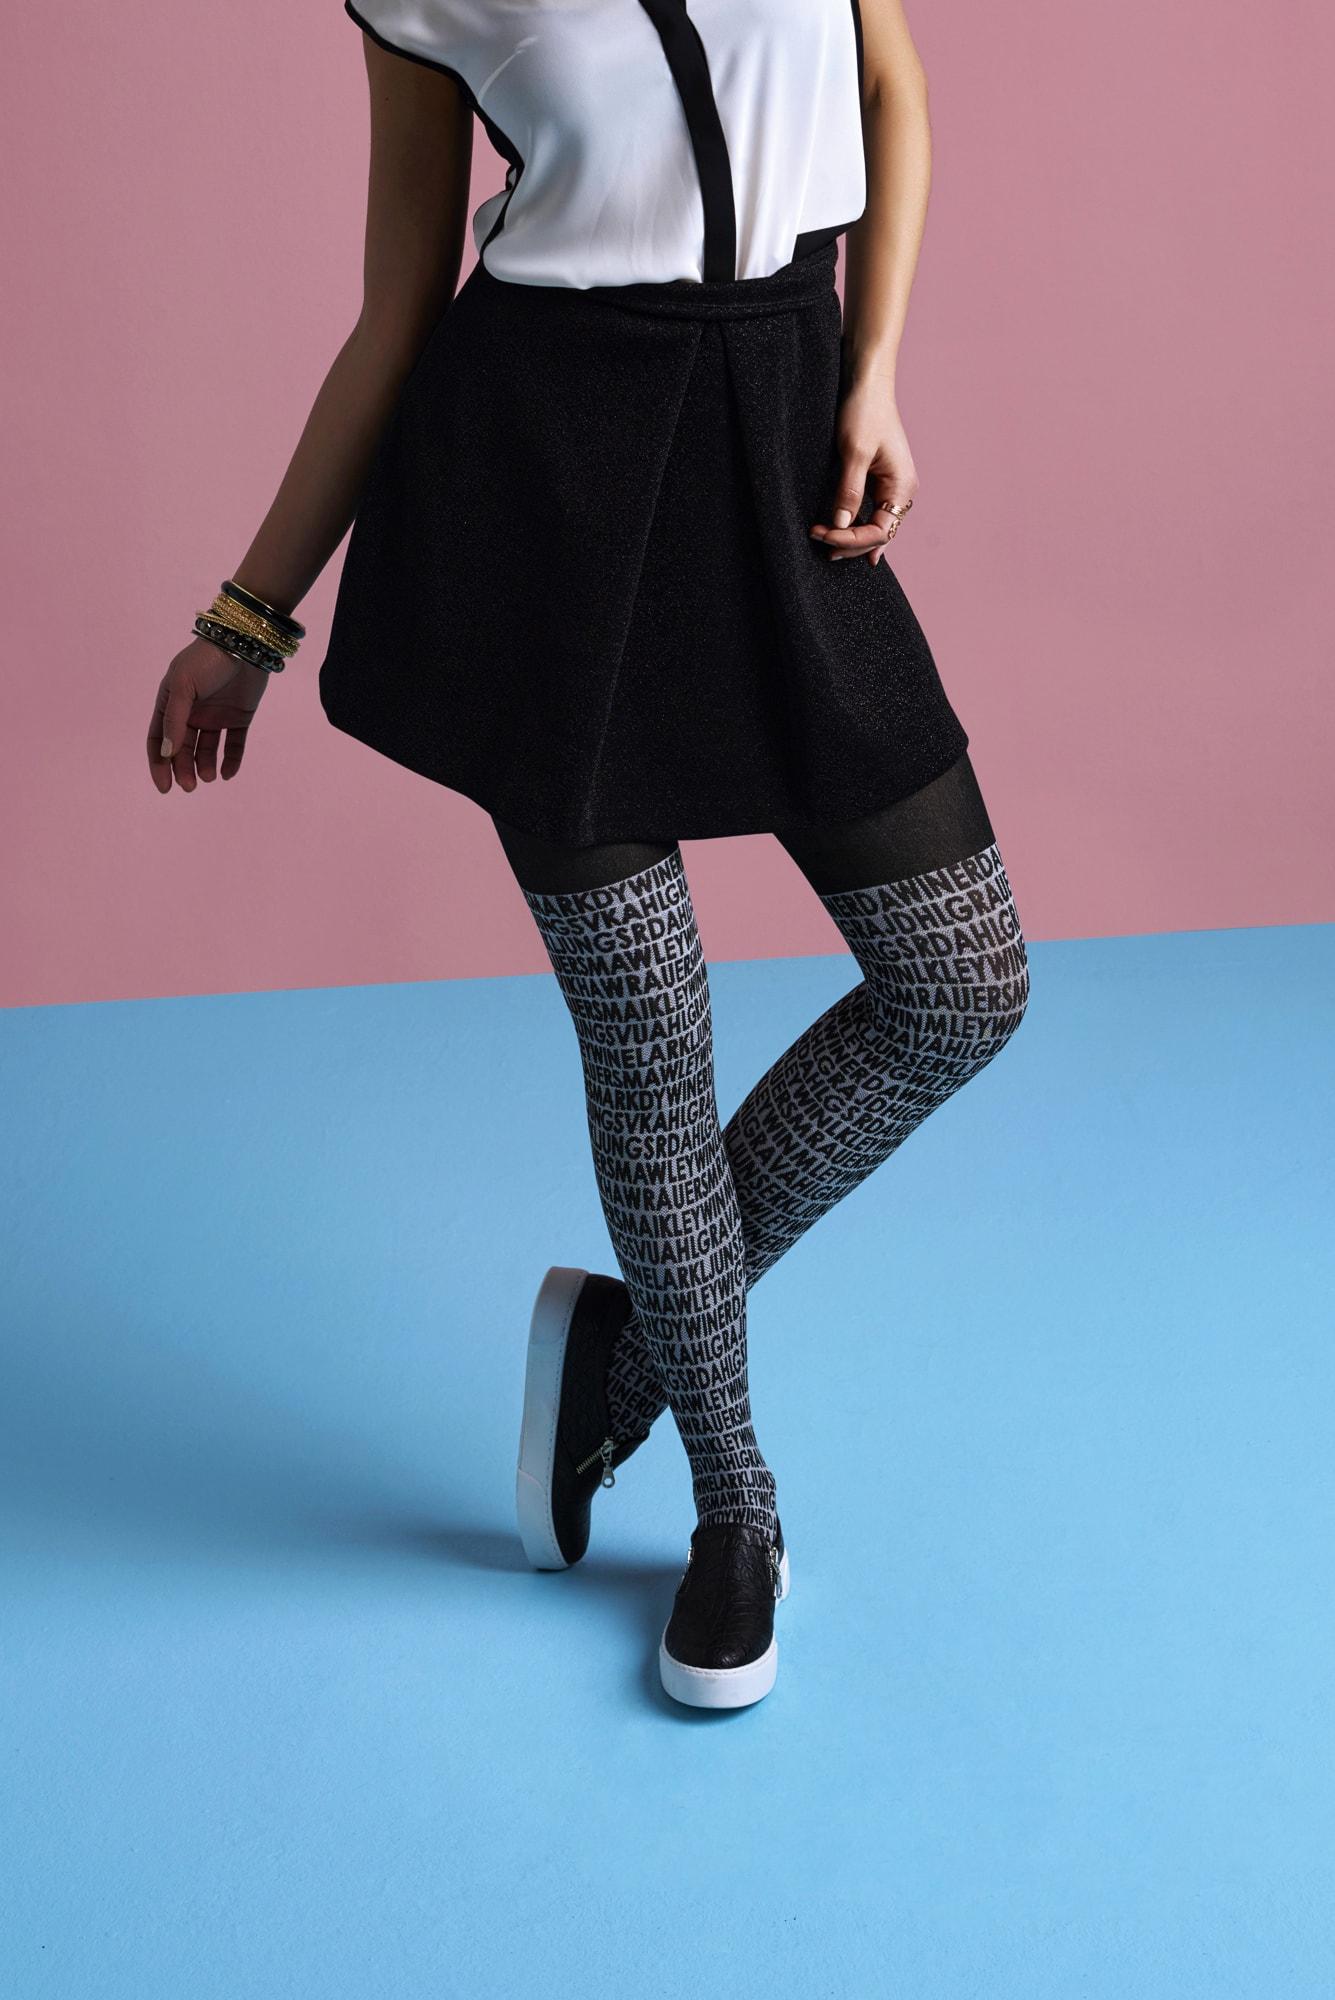 پنتی | Penti - جوراب شلواری طرح دار زنانه پنتی مدل Letter مشکی